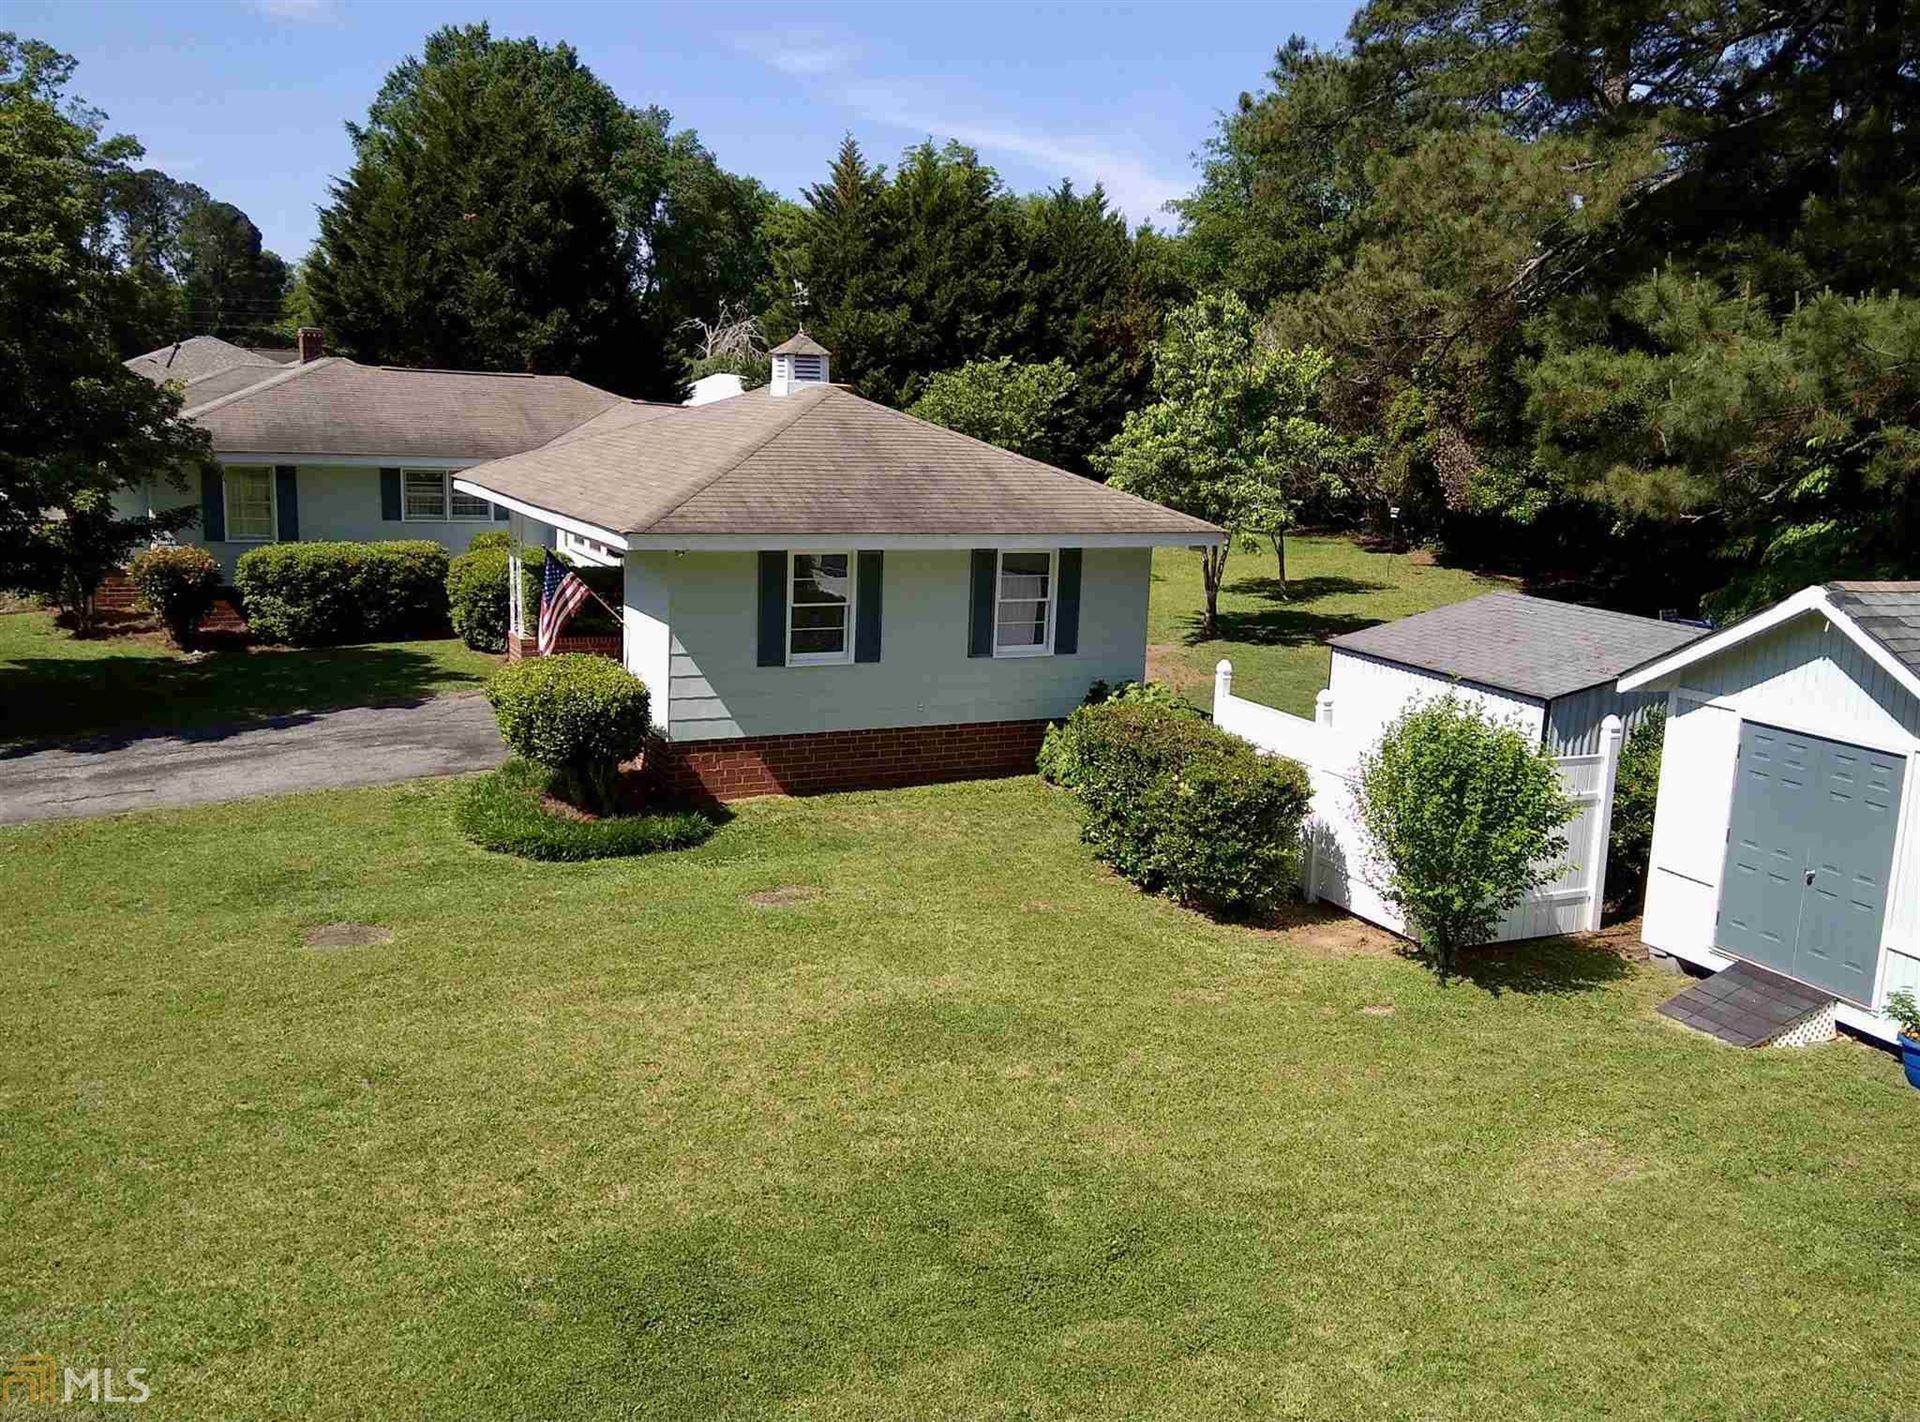 108 Mckinley St, Union Point, GA 30669 - MLS#: 8976257